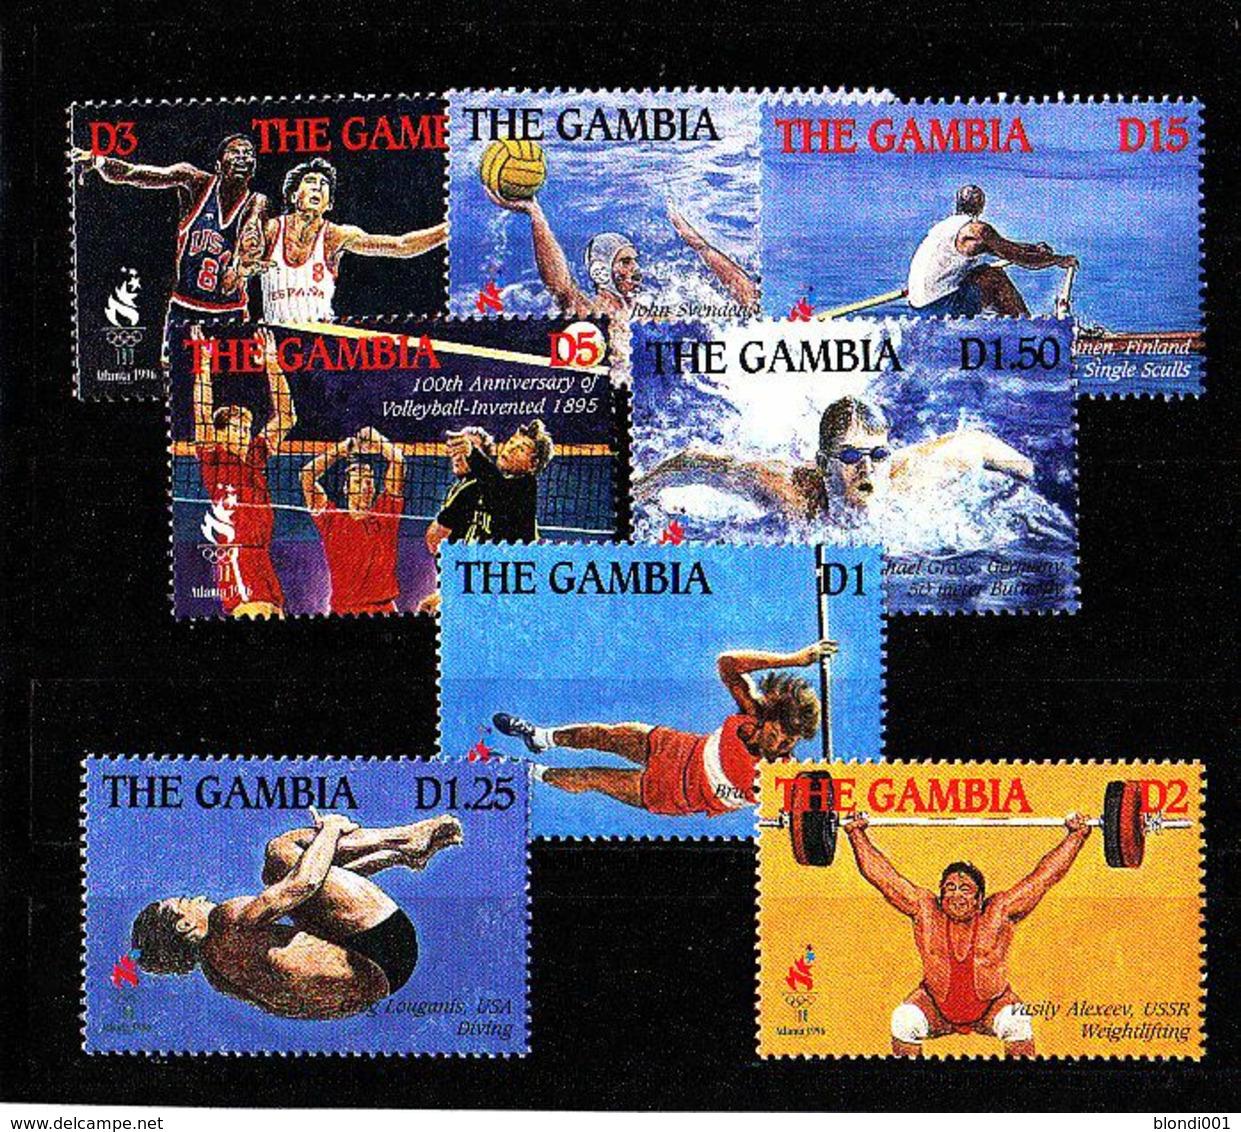 Olympics 1996 - Basketball - Weightlifting - GAMBIA - Set 8v MNH - Estate 1996: Atlanta